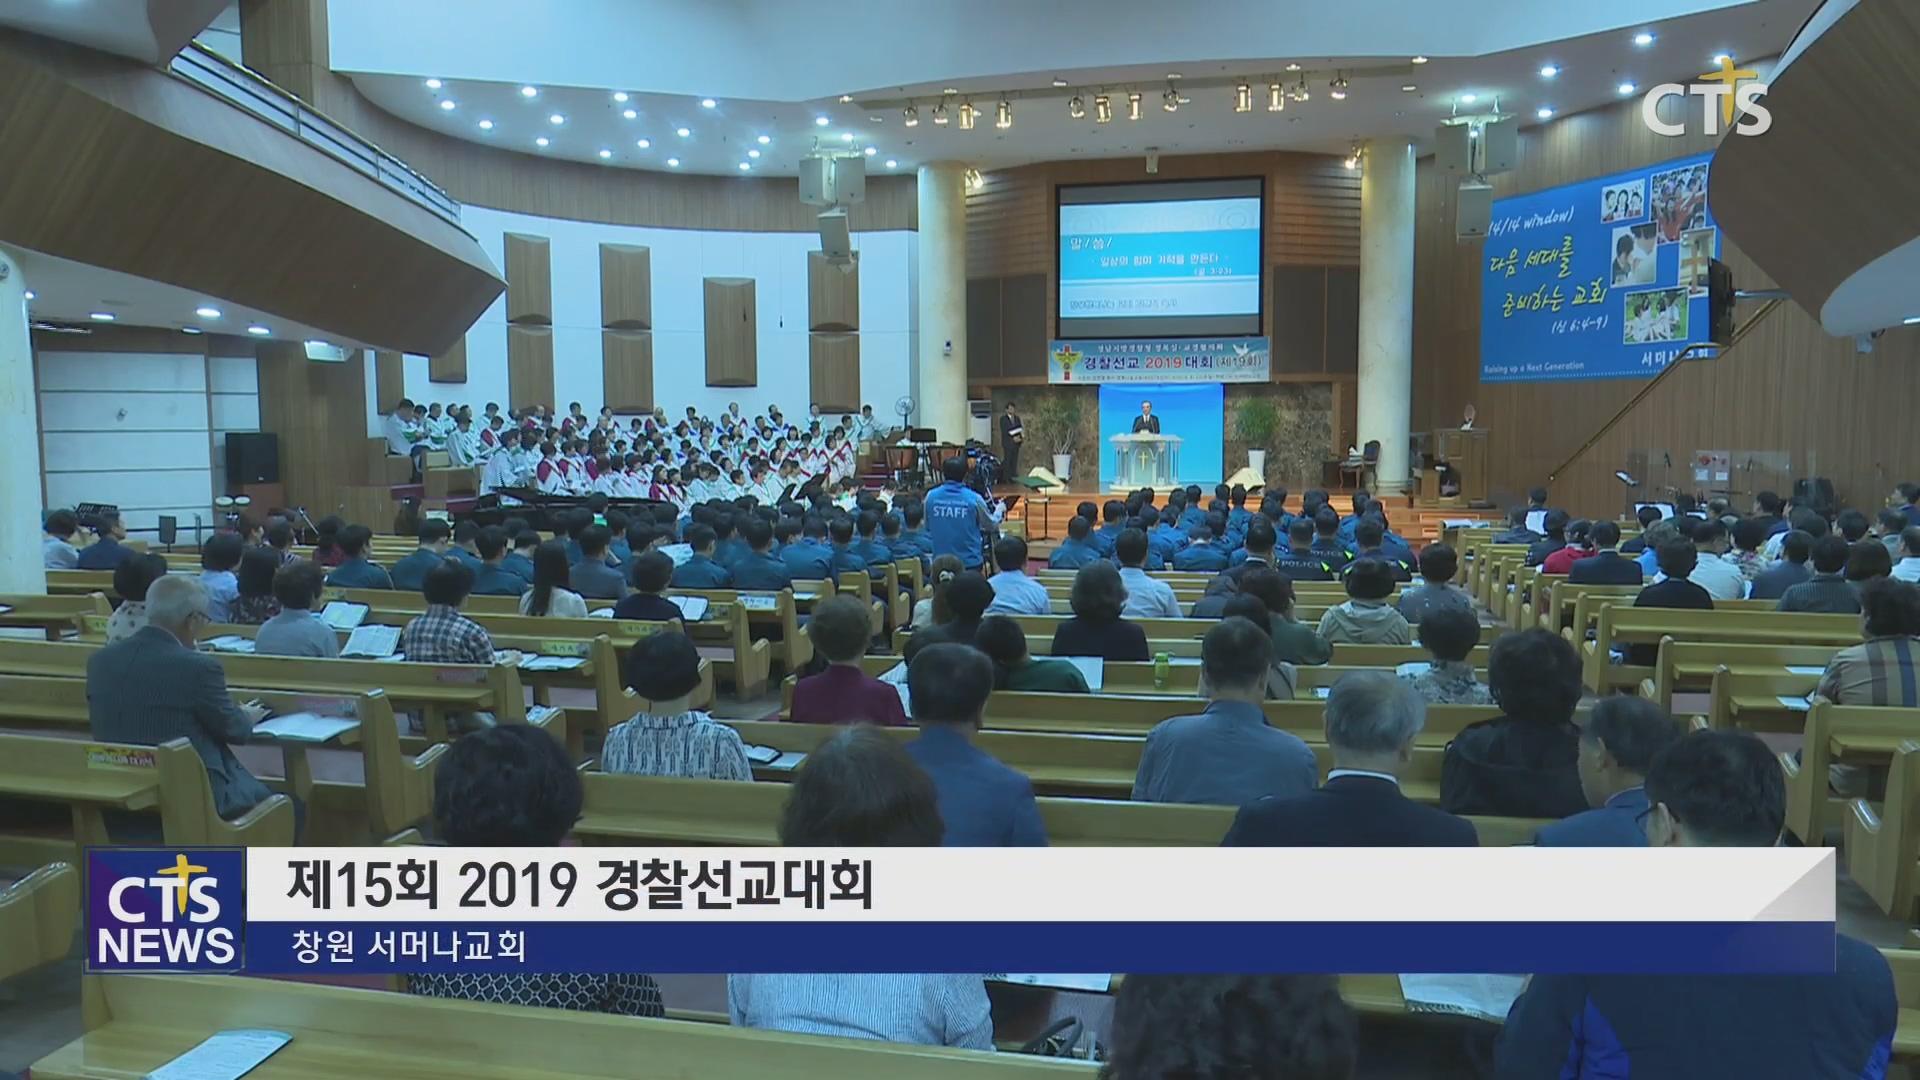 제15회 2019 경찰선교대회